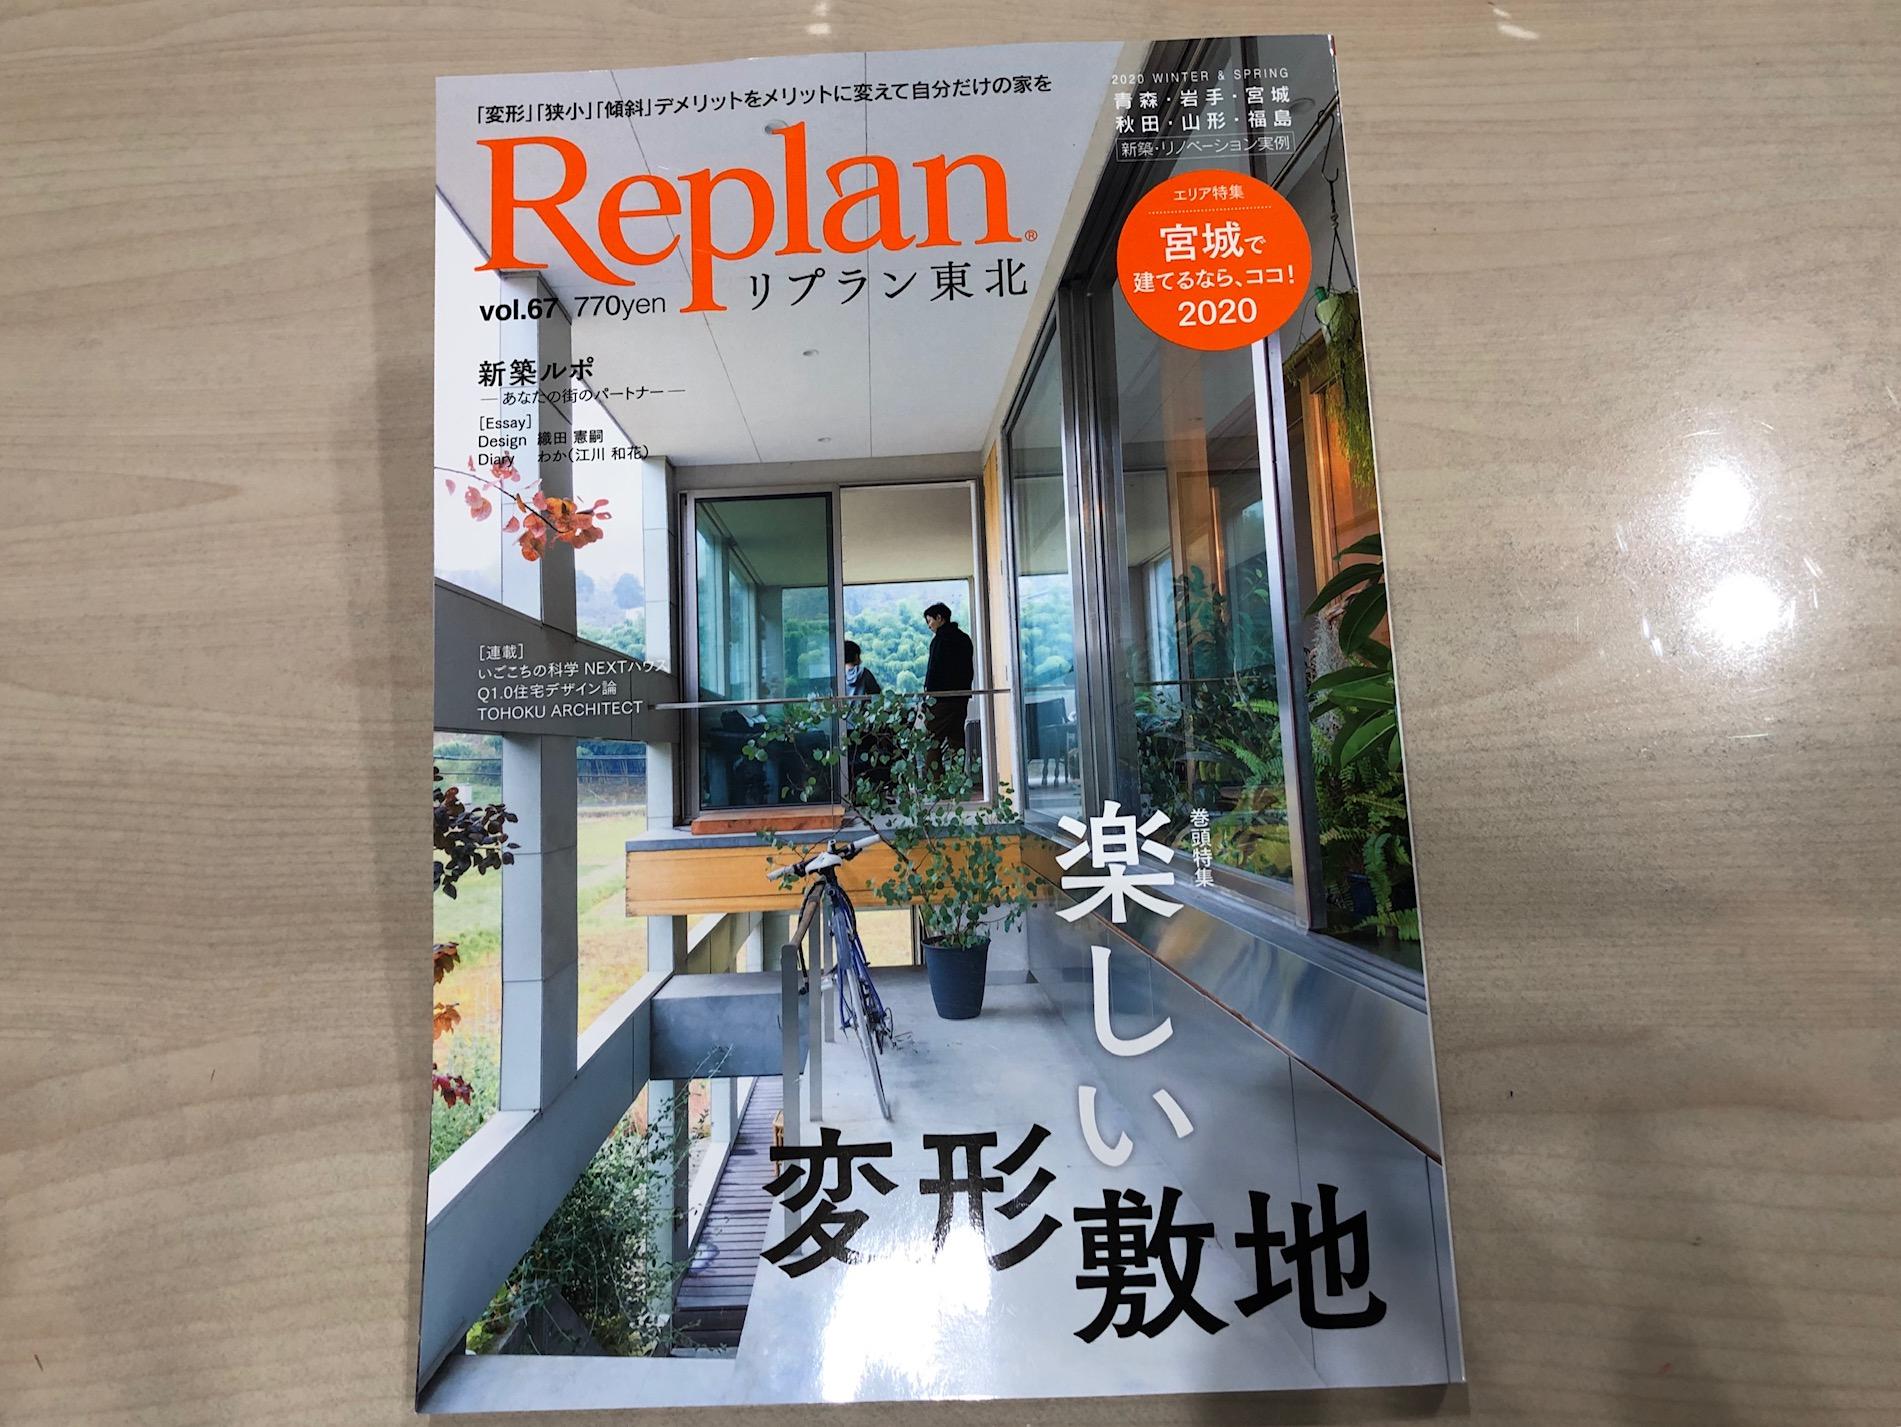 住宅雑誌『Replanリプラン東北vol.67』に掲載されました。